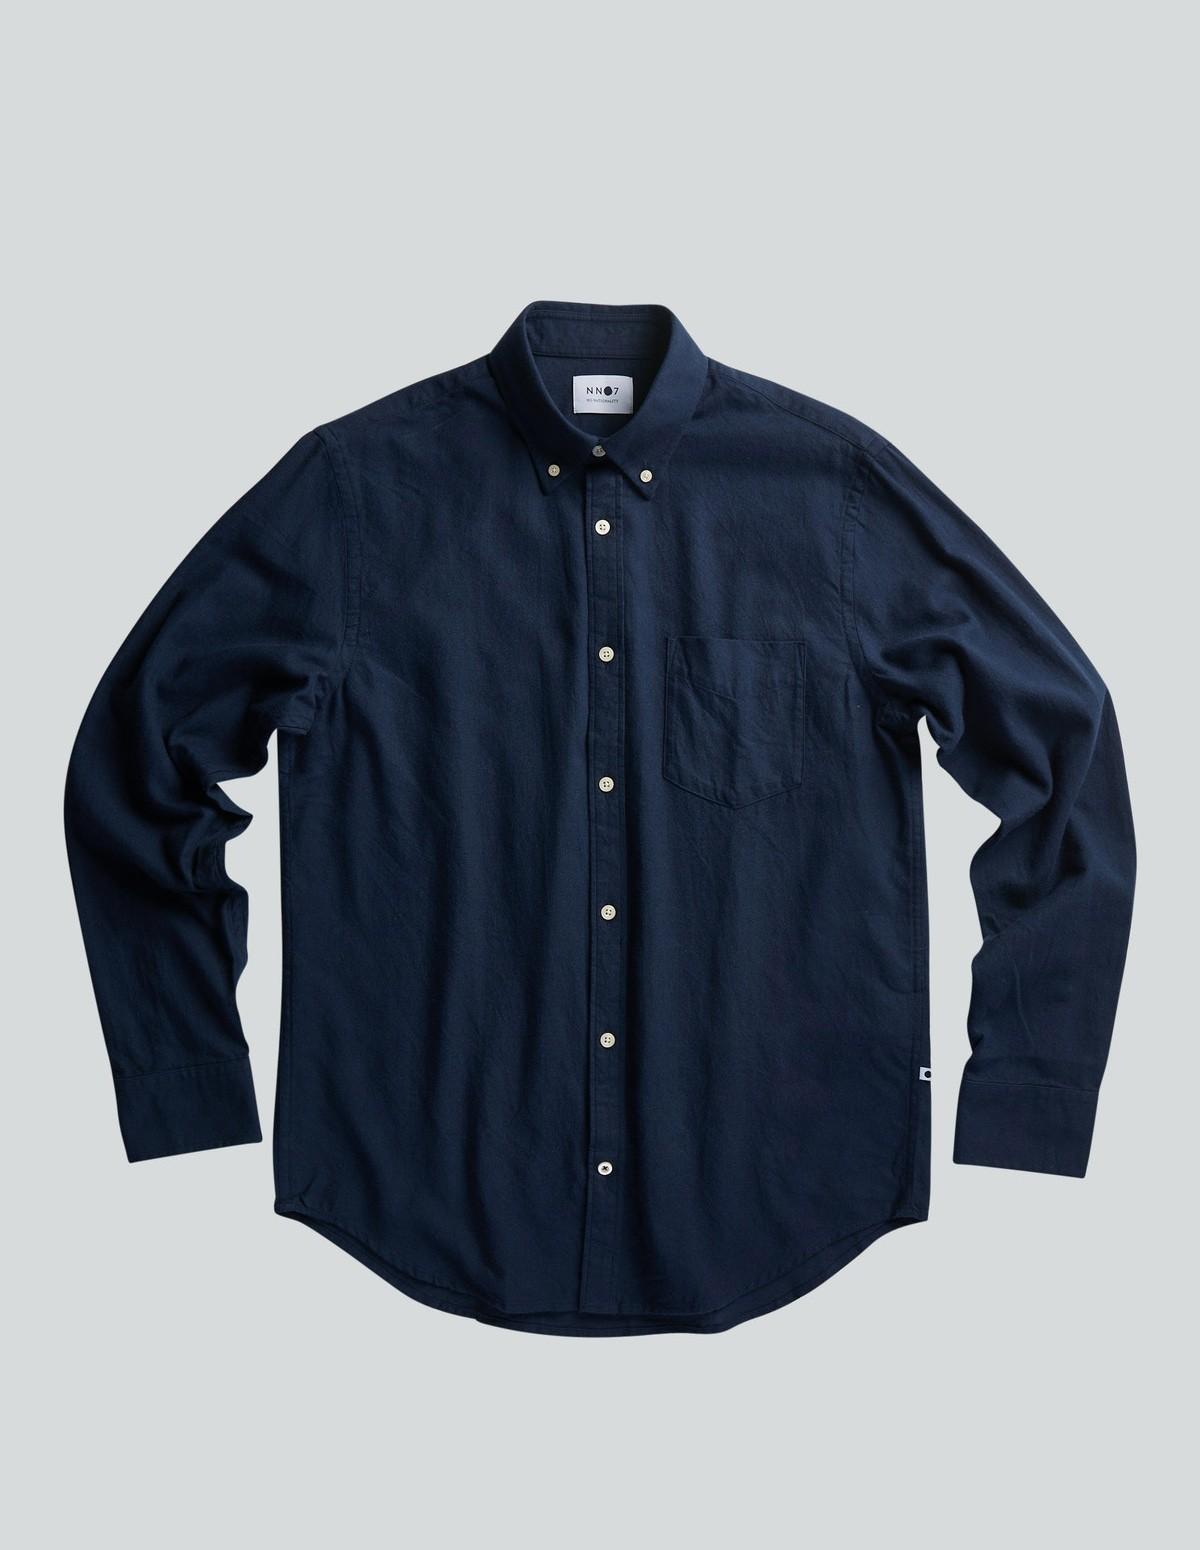 Nn07 Levon Shirt